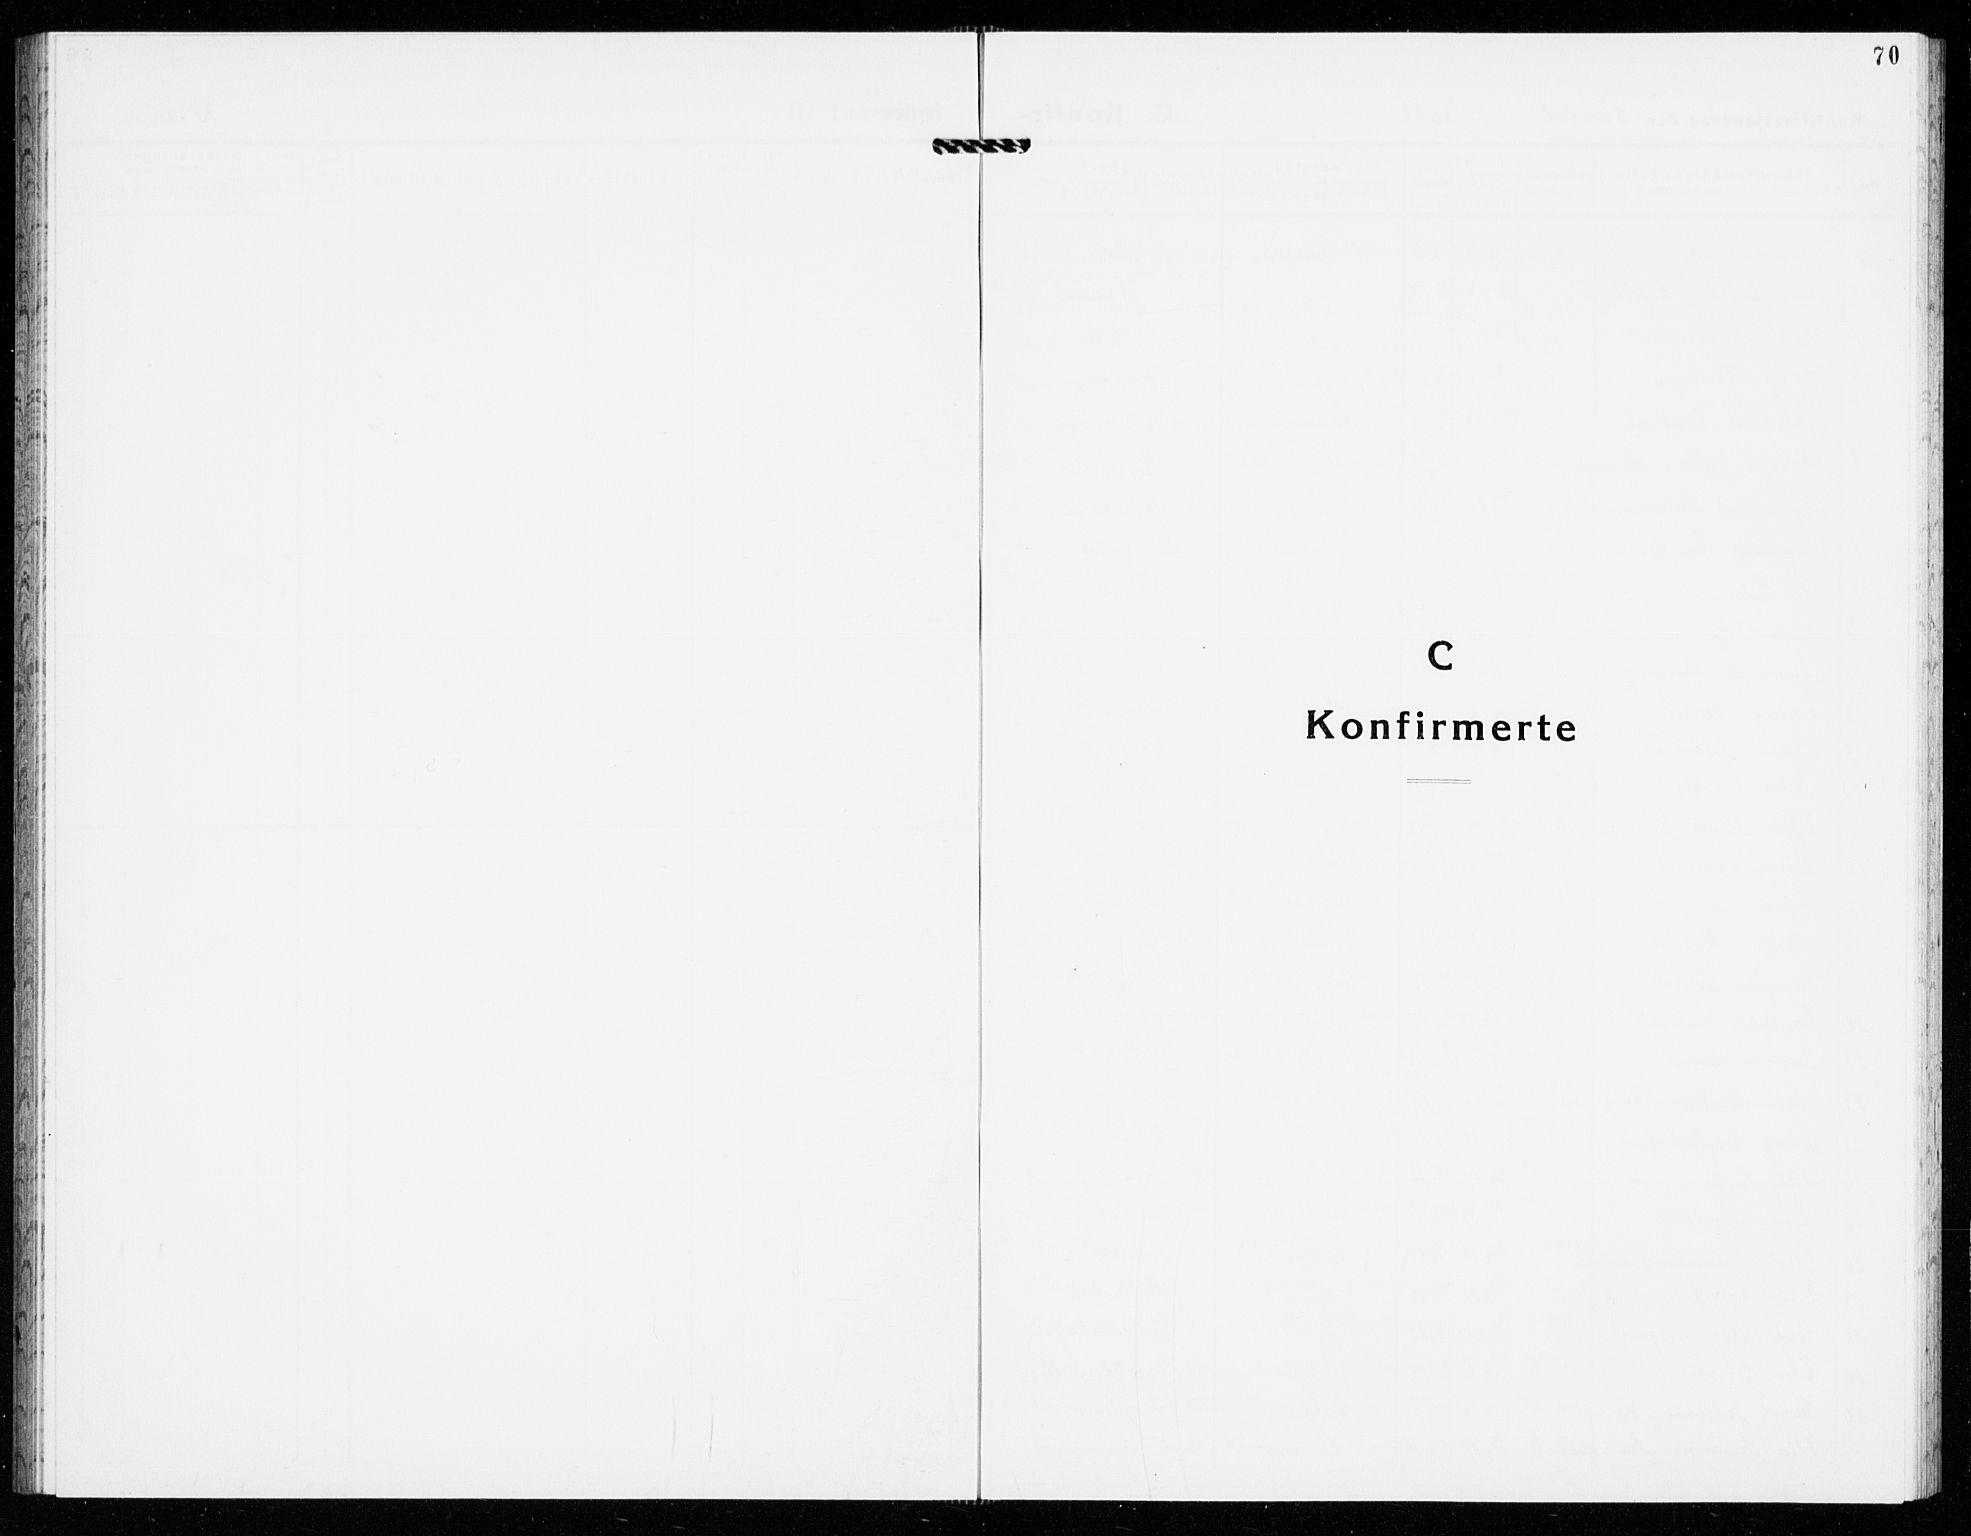 SAKO, Gjerpen kirkebøker, G/Ga/L0005: Klokkerbok nr. I 5, 1932-1940, s. 70